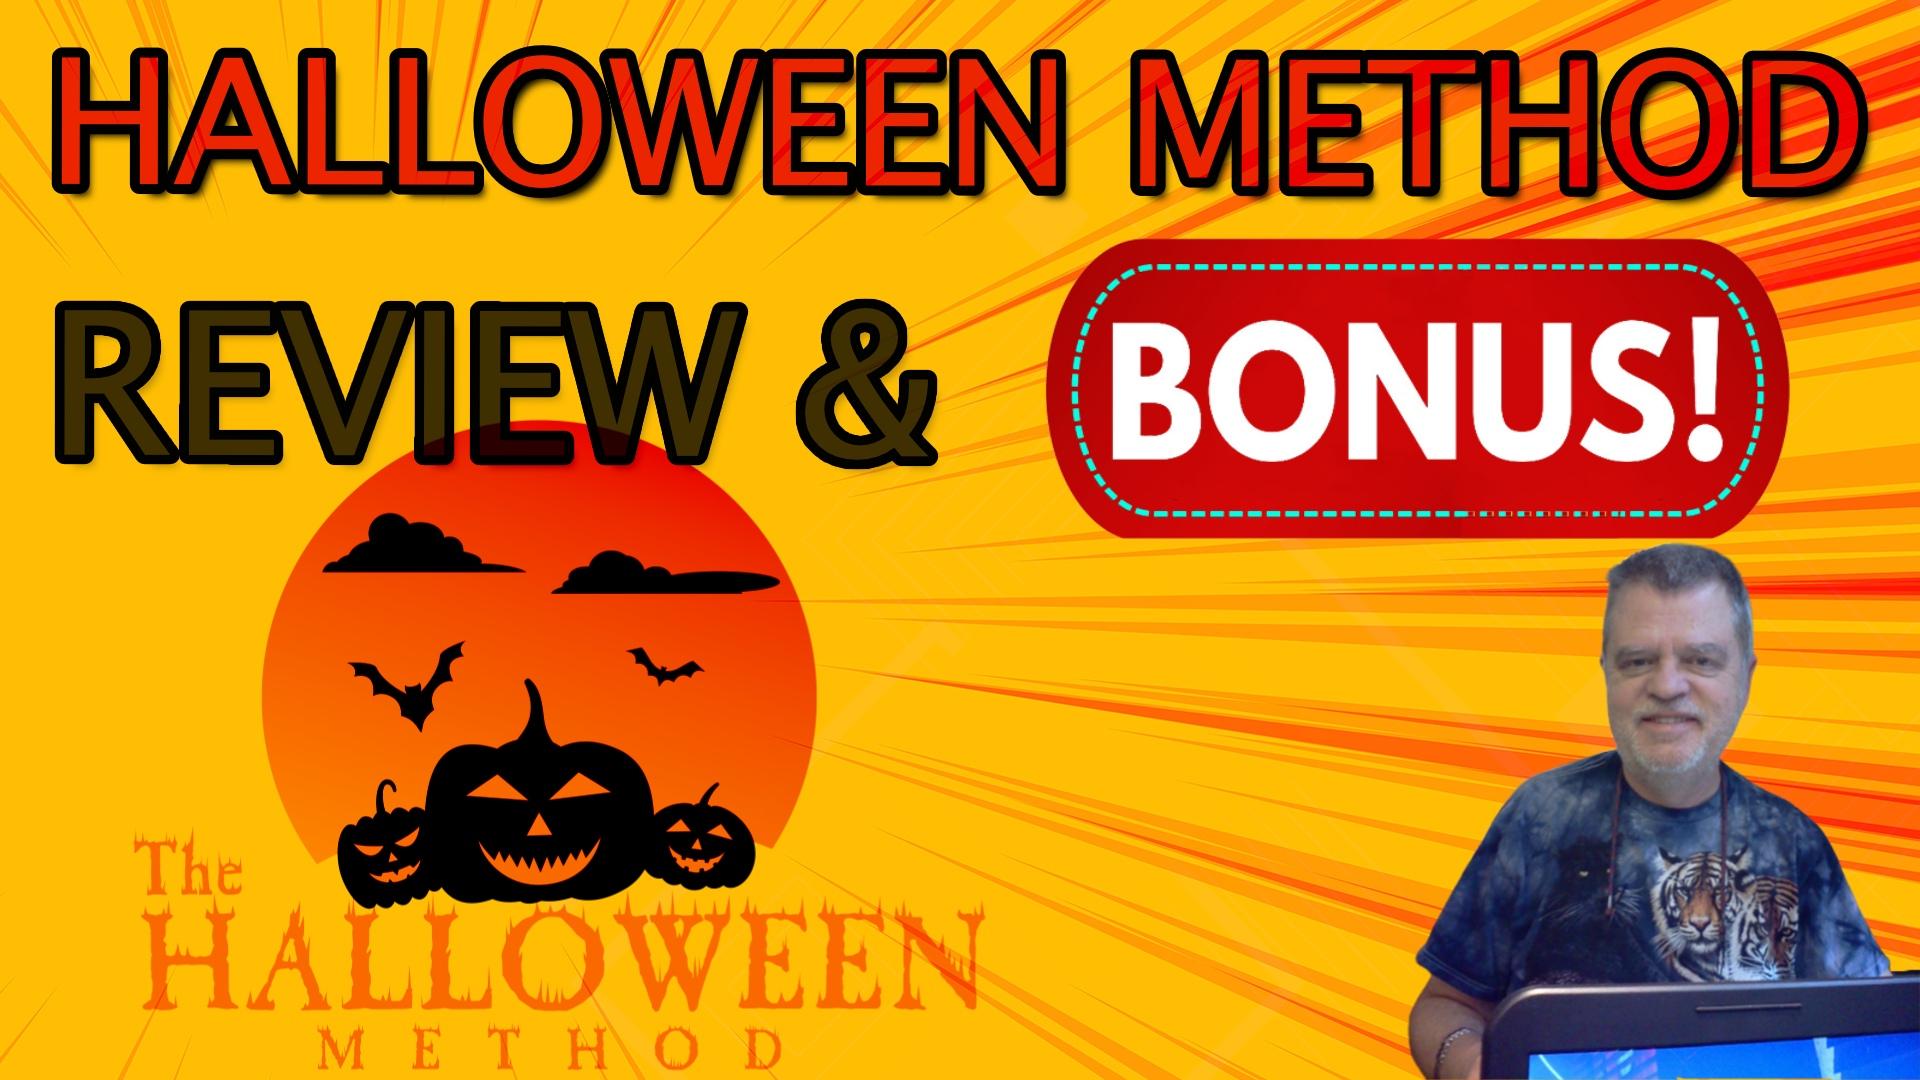 Halloween Method Review